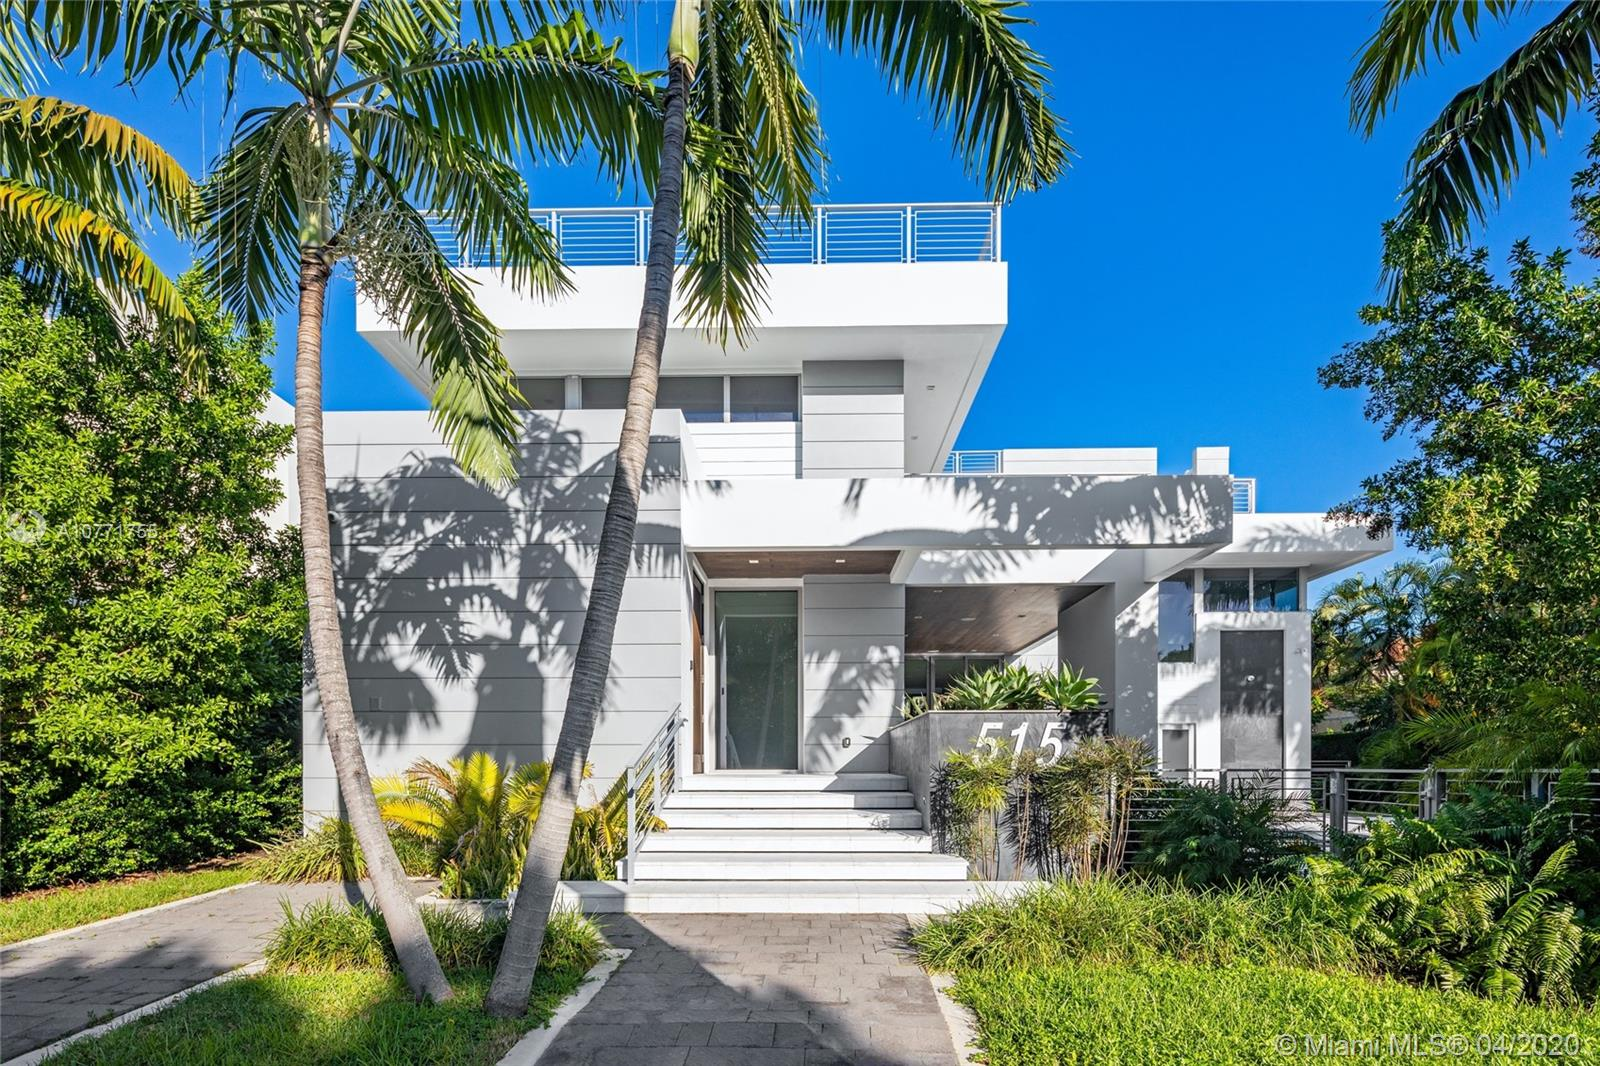 515 Harbor Dr, Key Biscayne, Florida